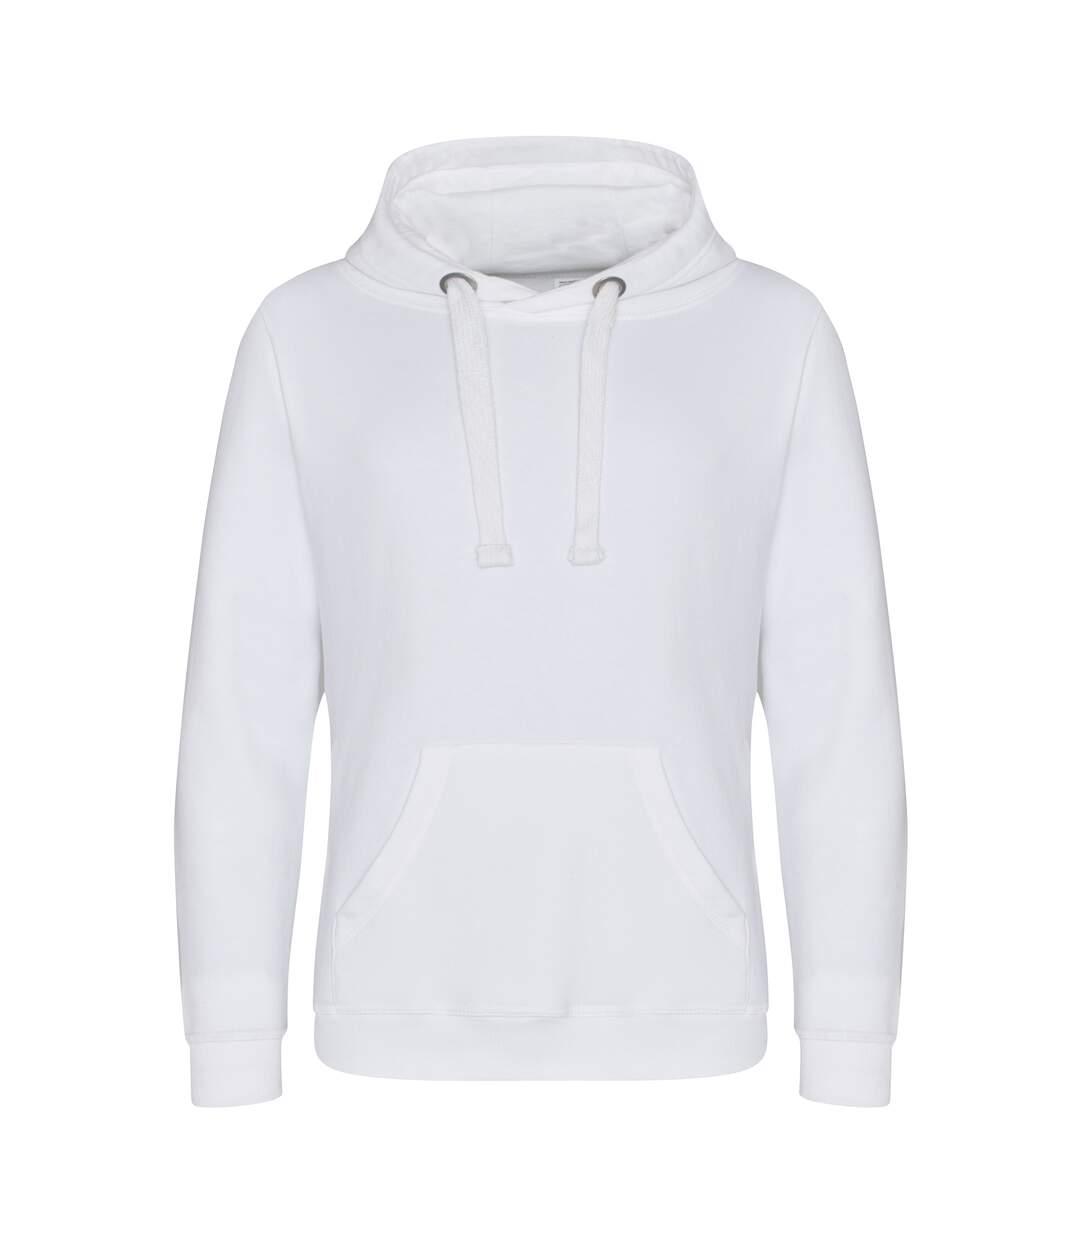 AWDis Just Hoods Mens Graduate Heavyweight Hoodie (Arctic White) - UTPC2969